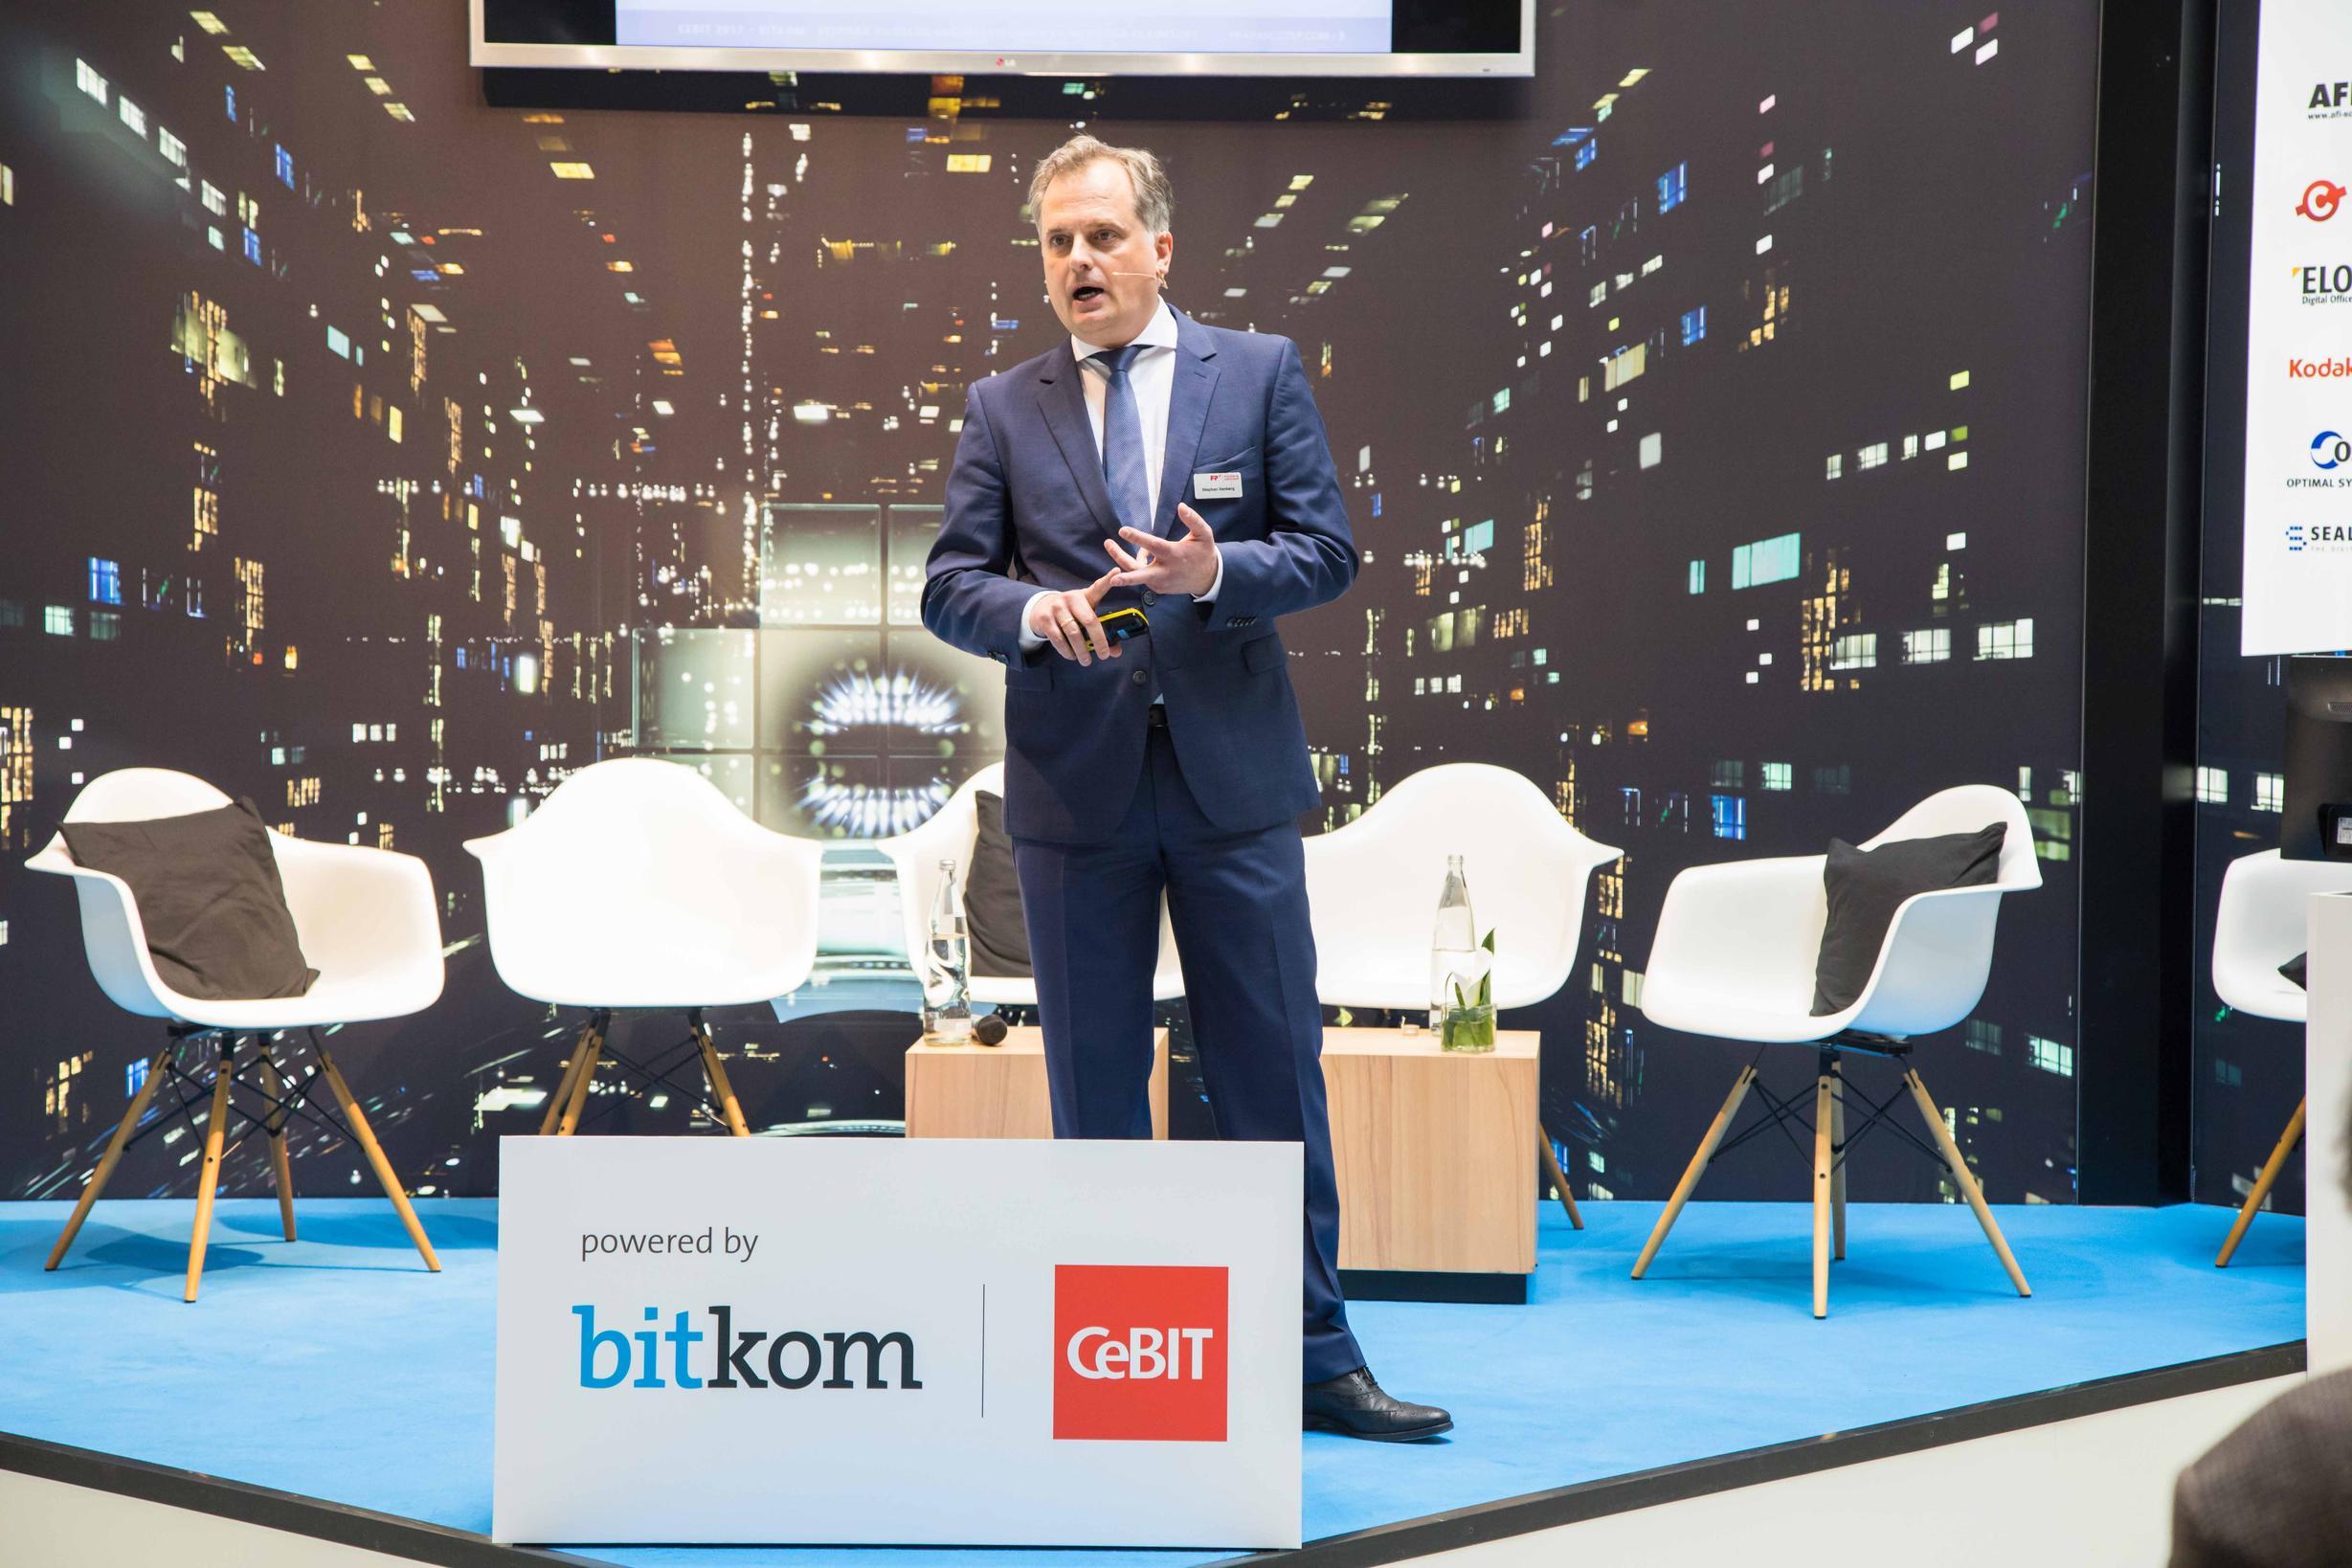 Premiere: Stephan Vanberg, Geschäftsführer der FP Mentana-Claimsoft, präsentiert FP-Sign auf der CeBIT. Mit der Lösung lassen sich Verträge digital signieren und sicher austauschen. (Bildquelle: www.preussmedia.com)